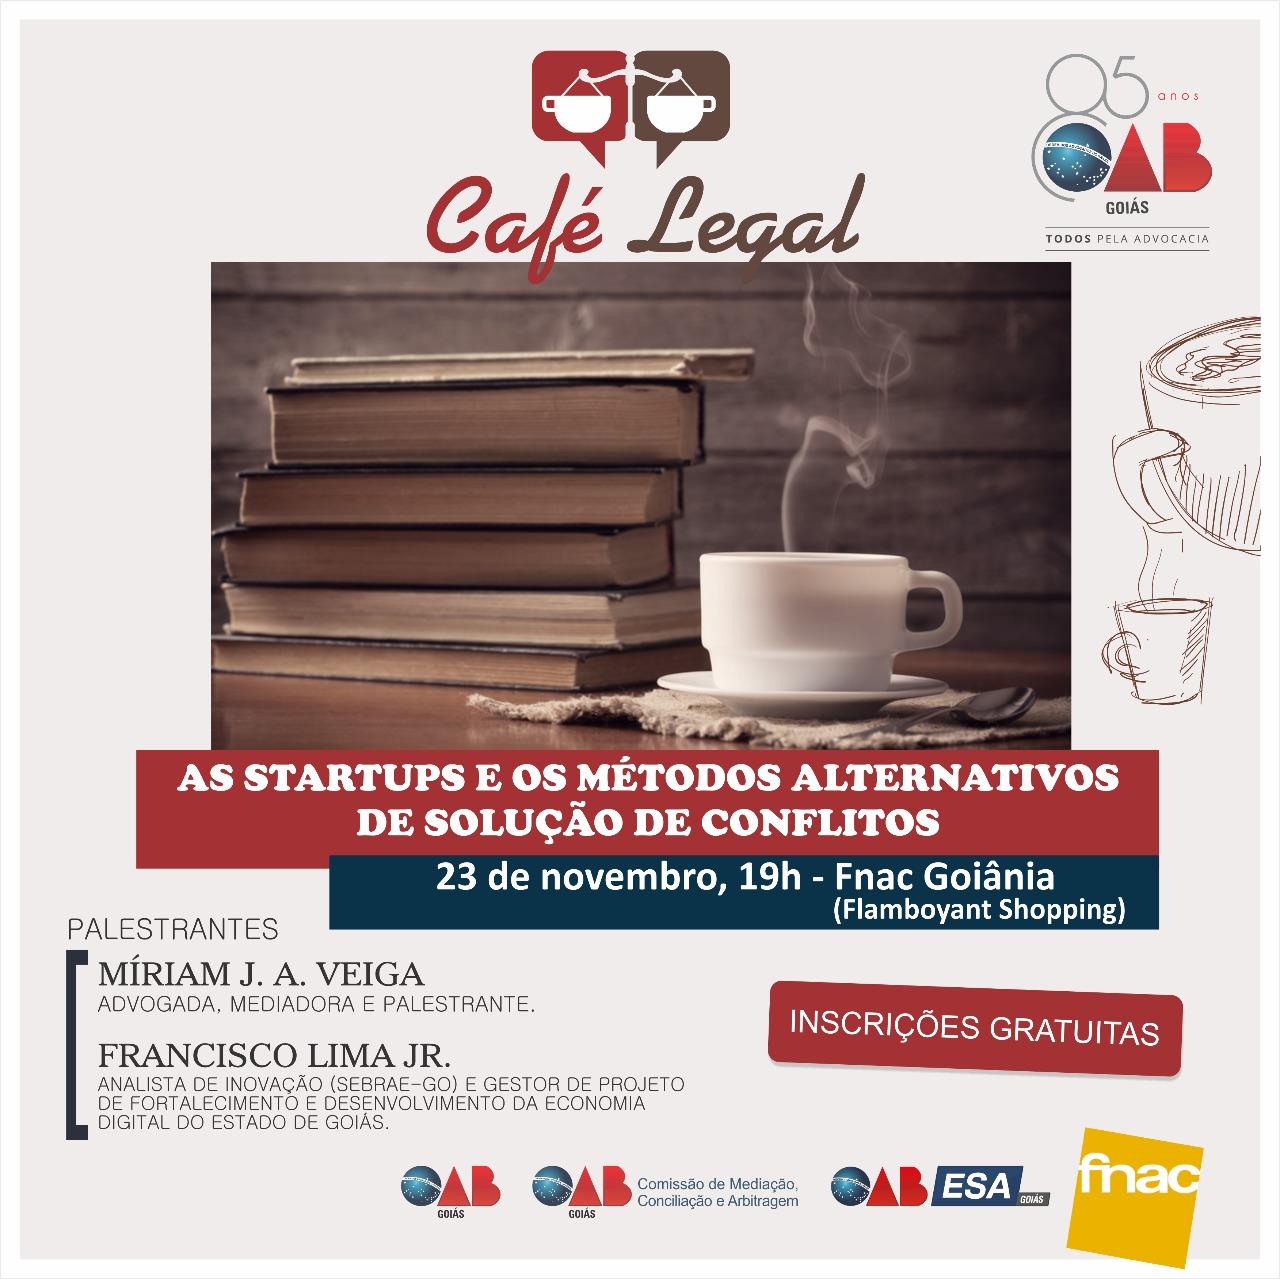 23.11 - Café Legal - As Startups e os Métodos Alternativos de Solução de Conflitos